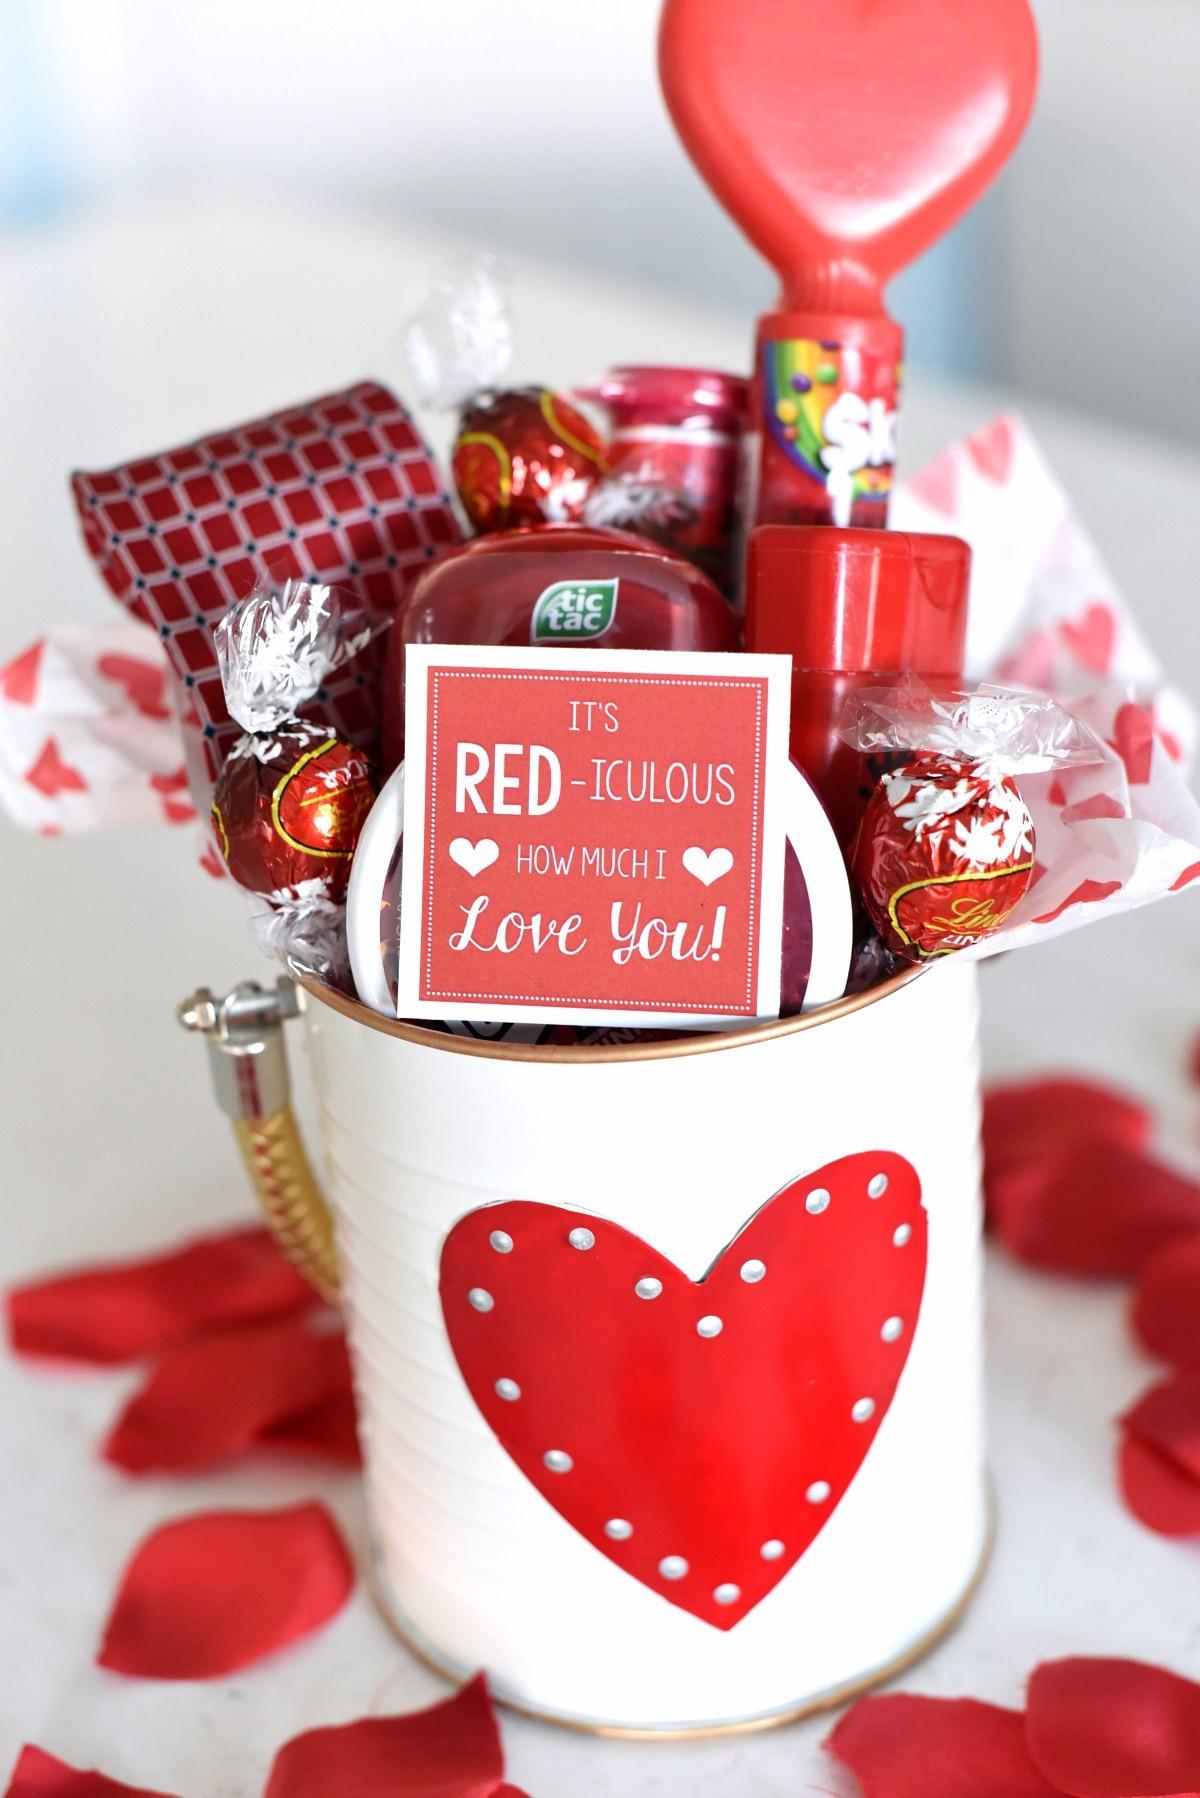 Valentines Gift Ideas  25 DIY Valentine s Day Gift Ideas Teens Will Love